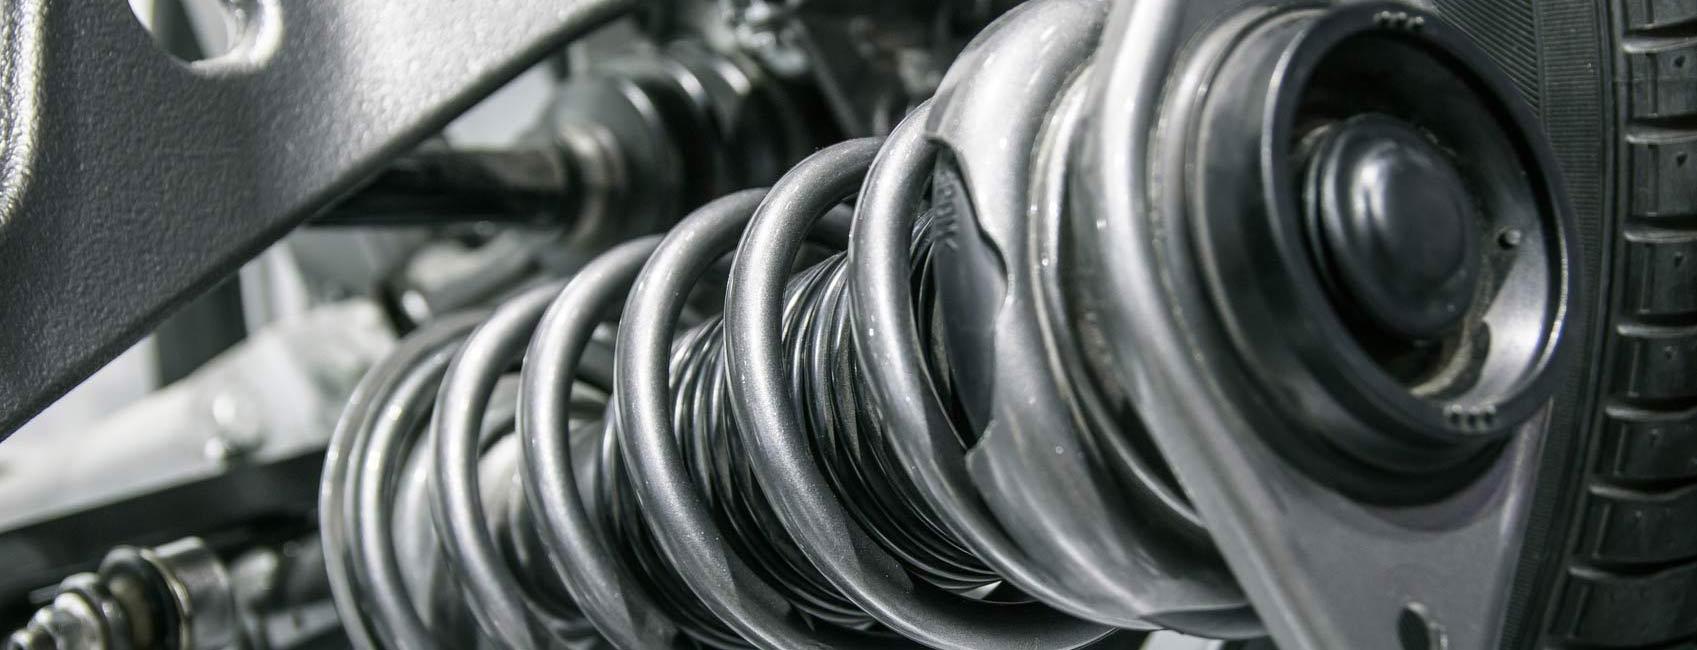 Shock absorber - suspension